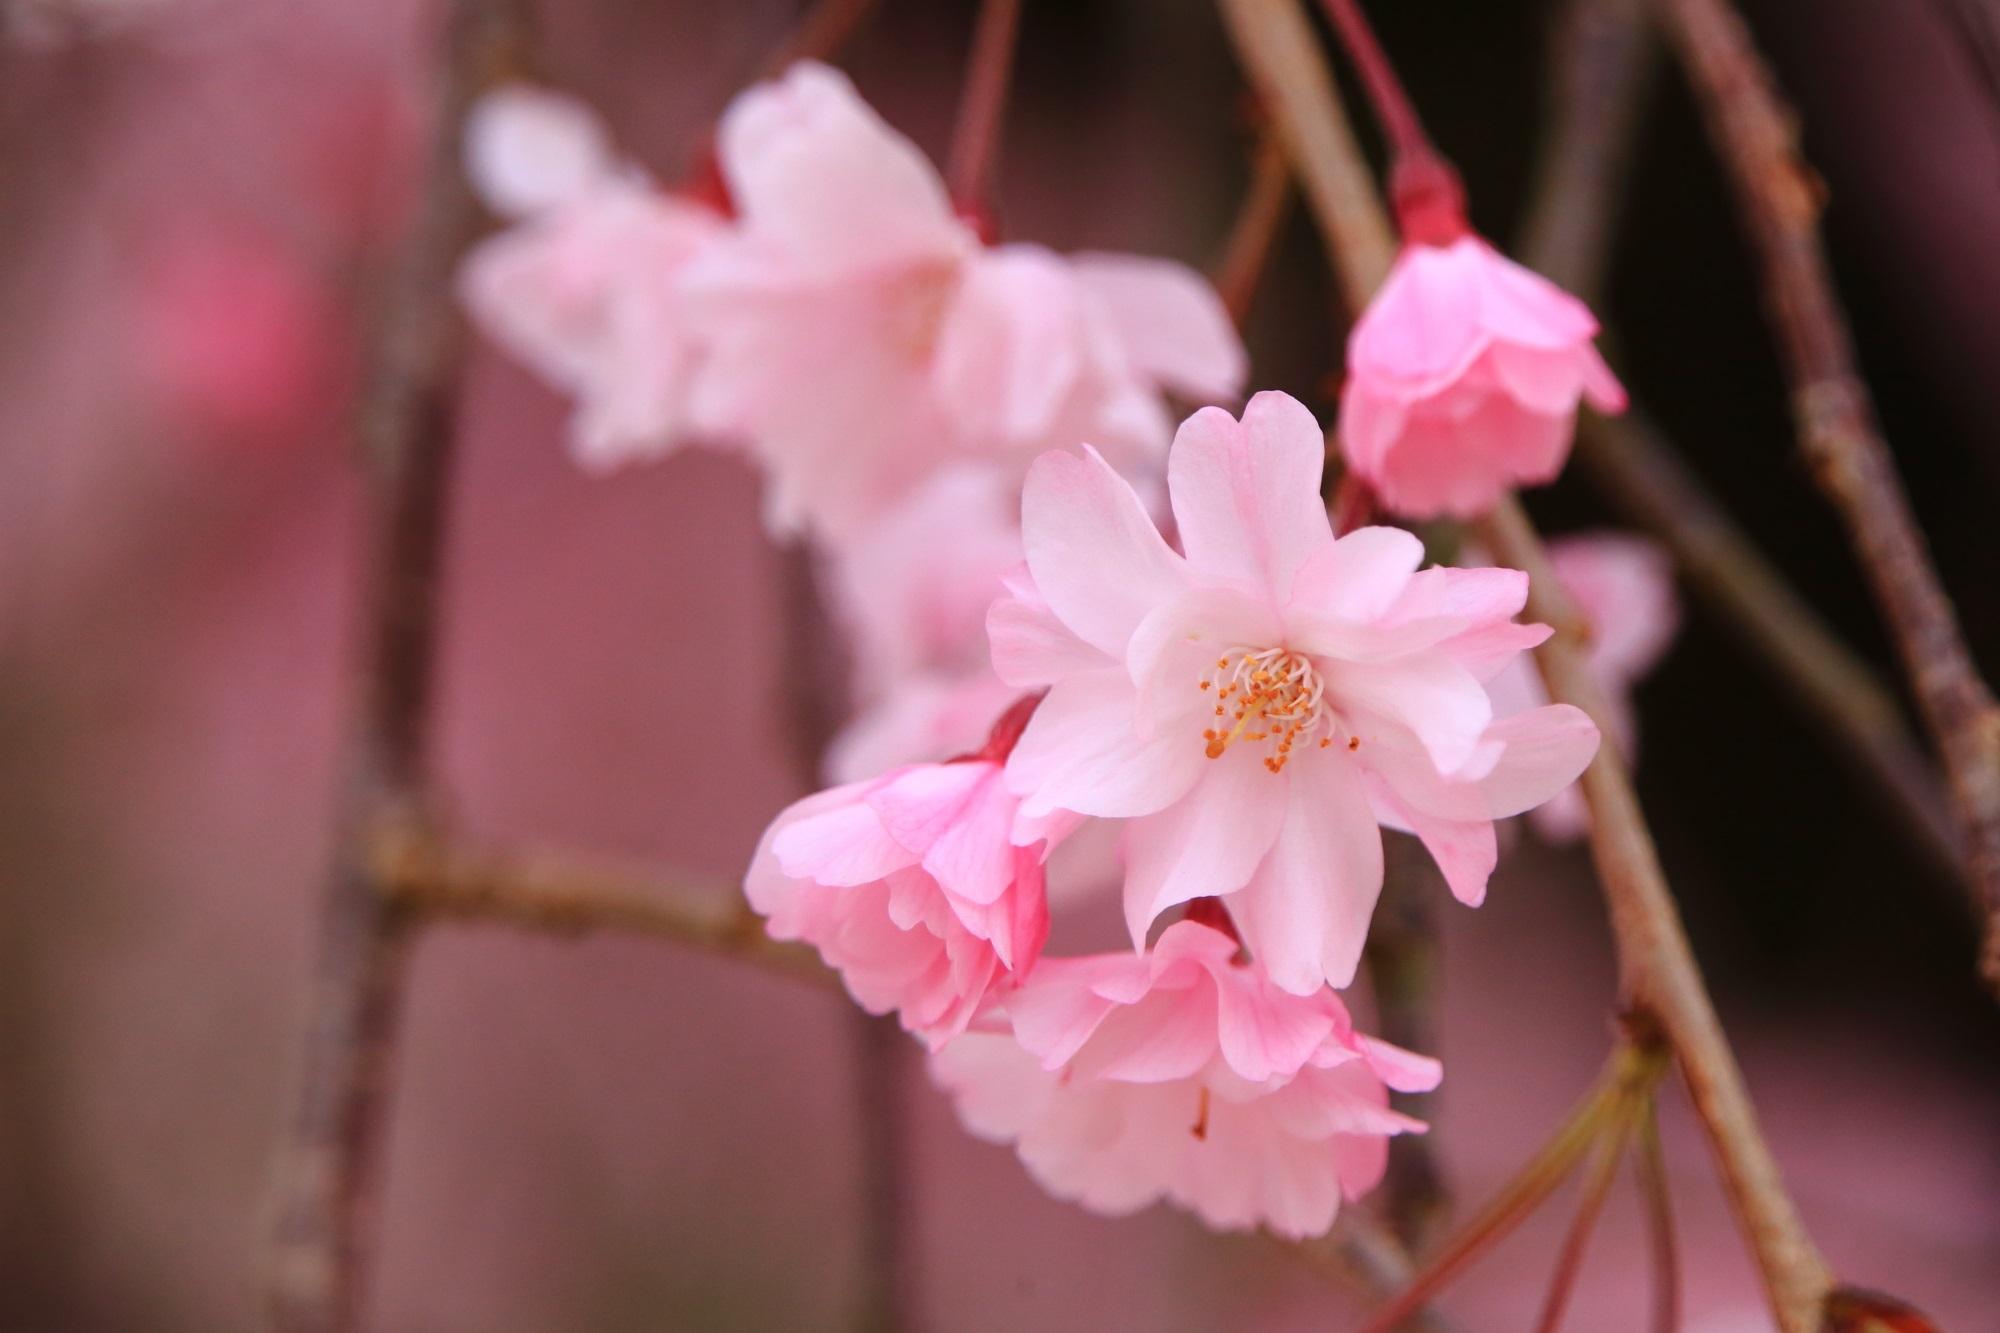 しだれ桜が咲かせるピンクの可愛い花びら